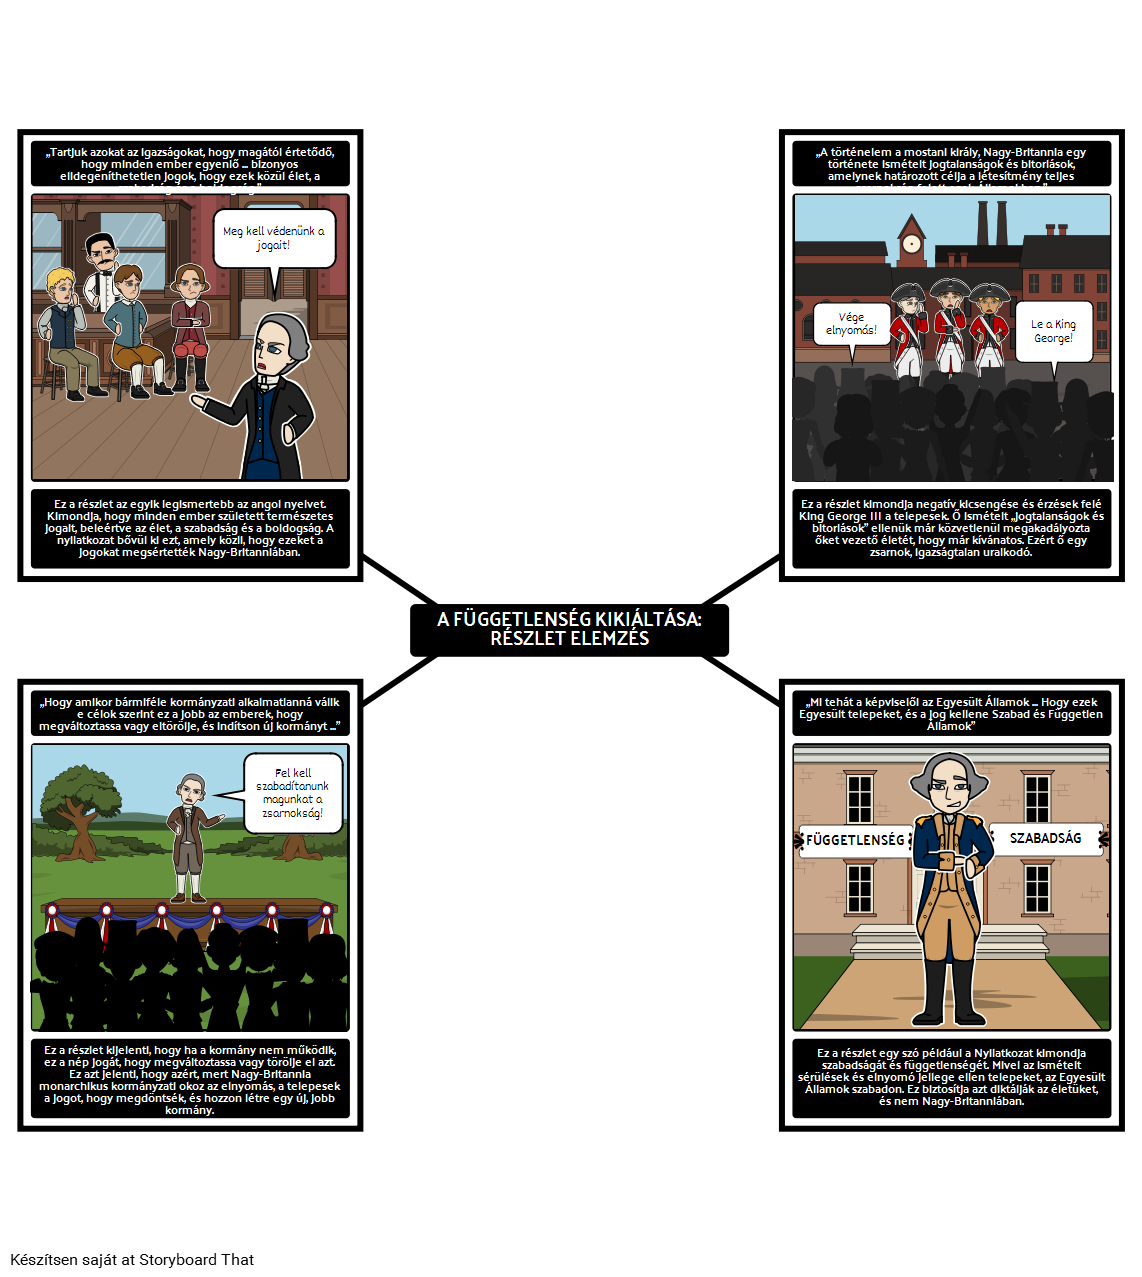 A Függetlenségi Nyilatkozat Idézet Analysis